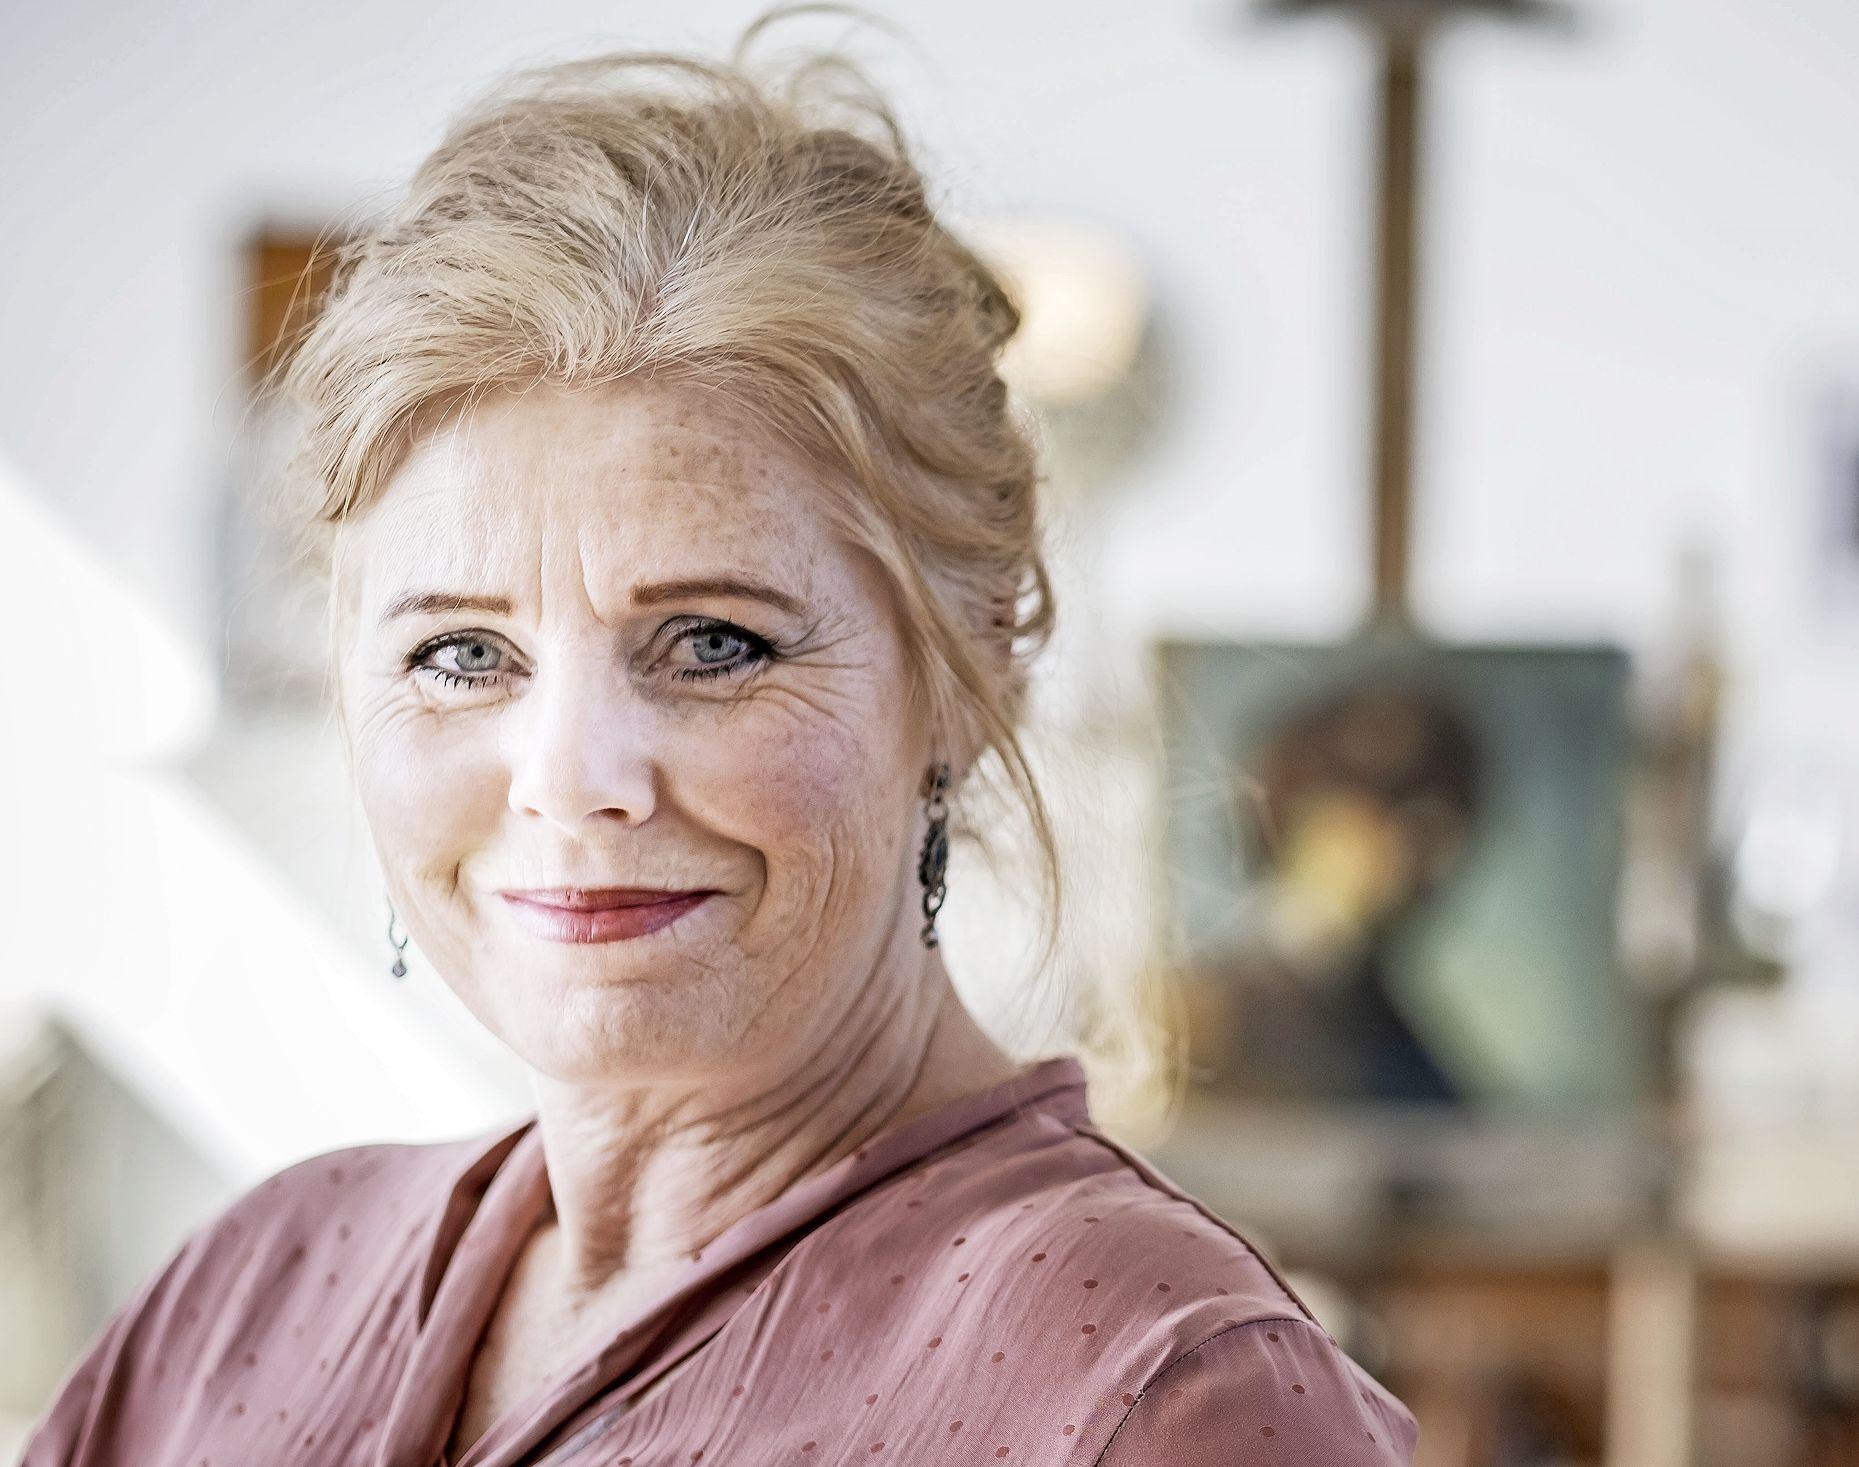 'Flinke uitdaging om Philip Freriks te portretteren.' Kunstenares Nanette Heijnen uit Schoorl in laatste aflevering 'Sterren op het Doek'